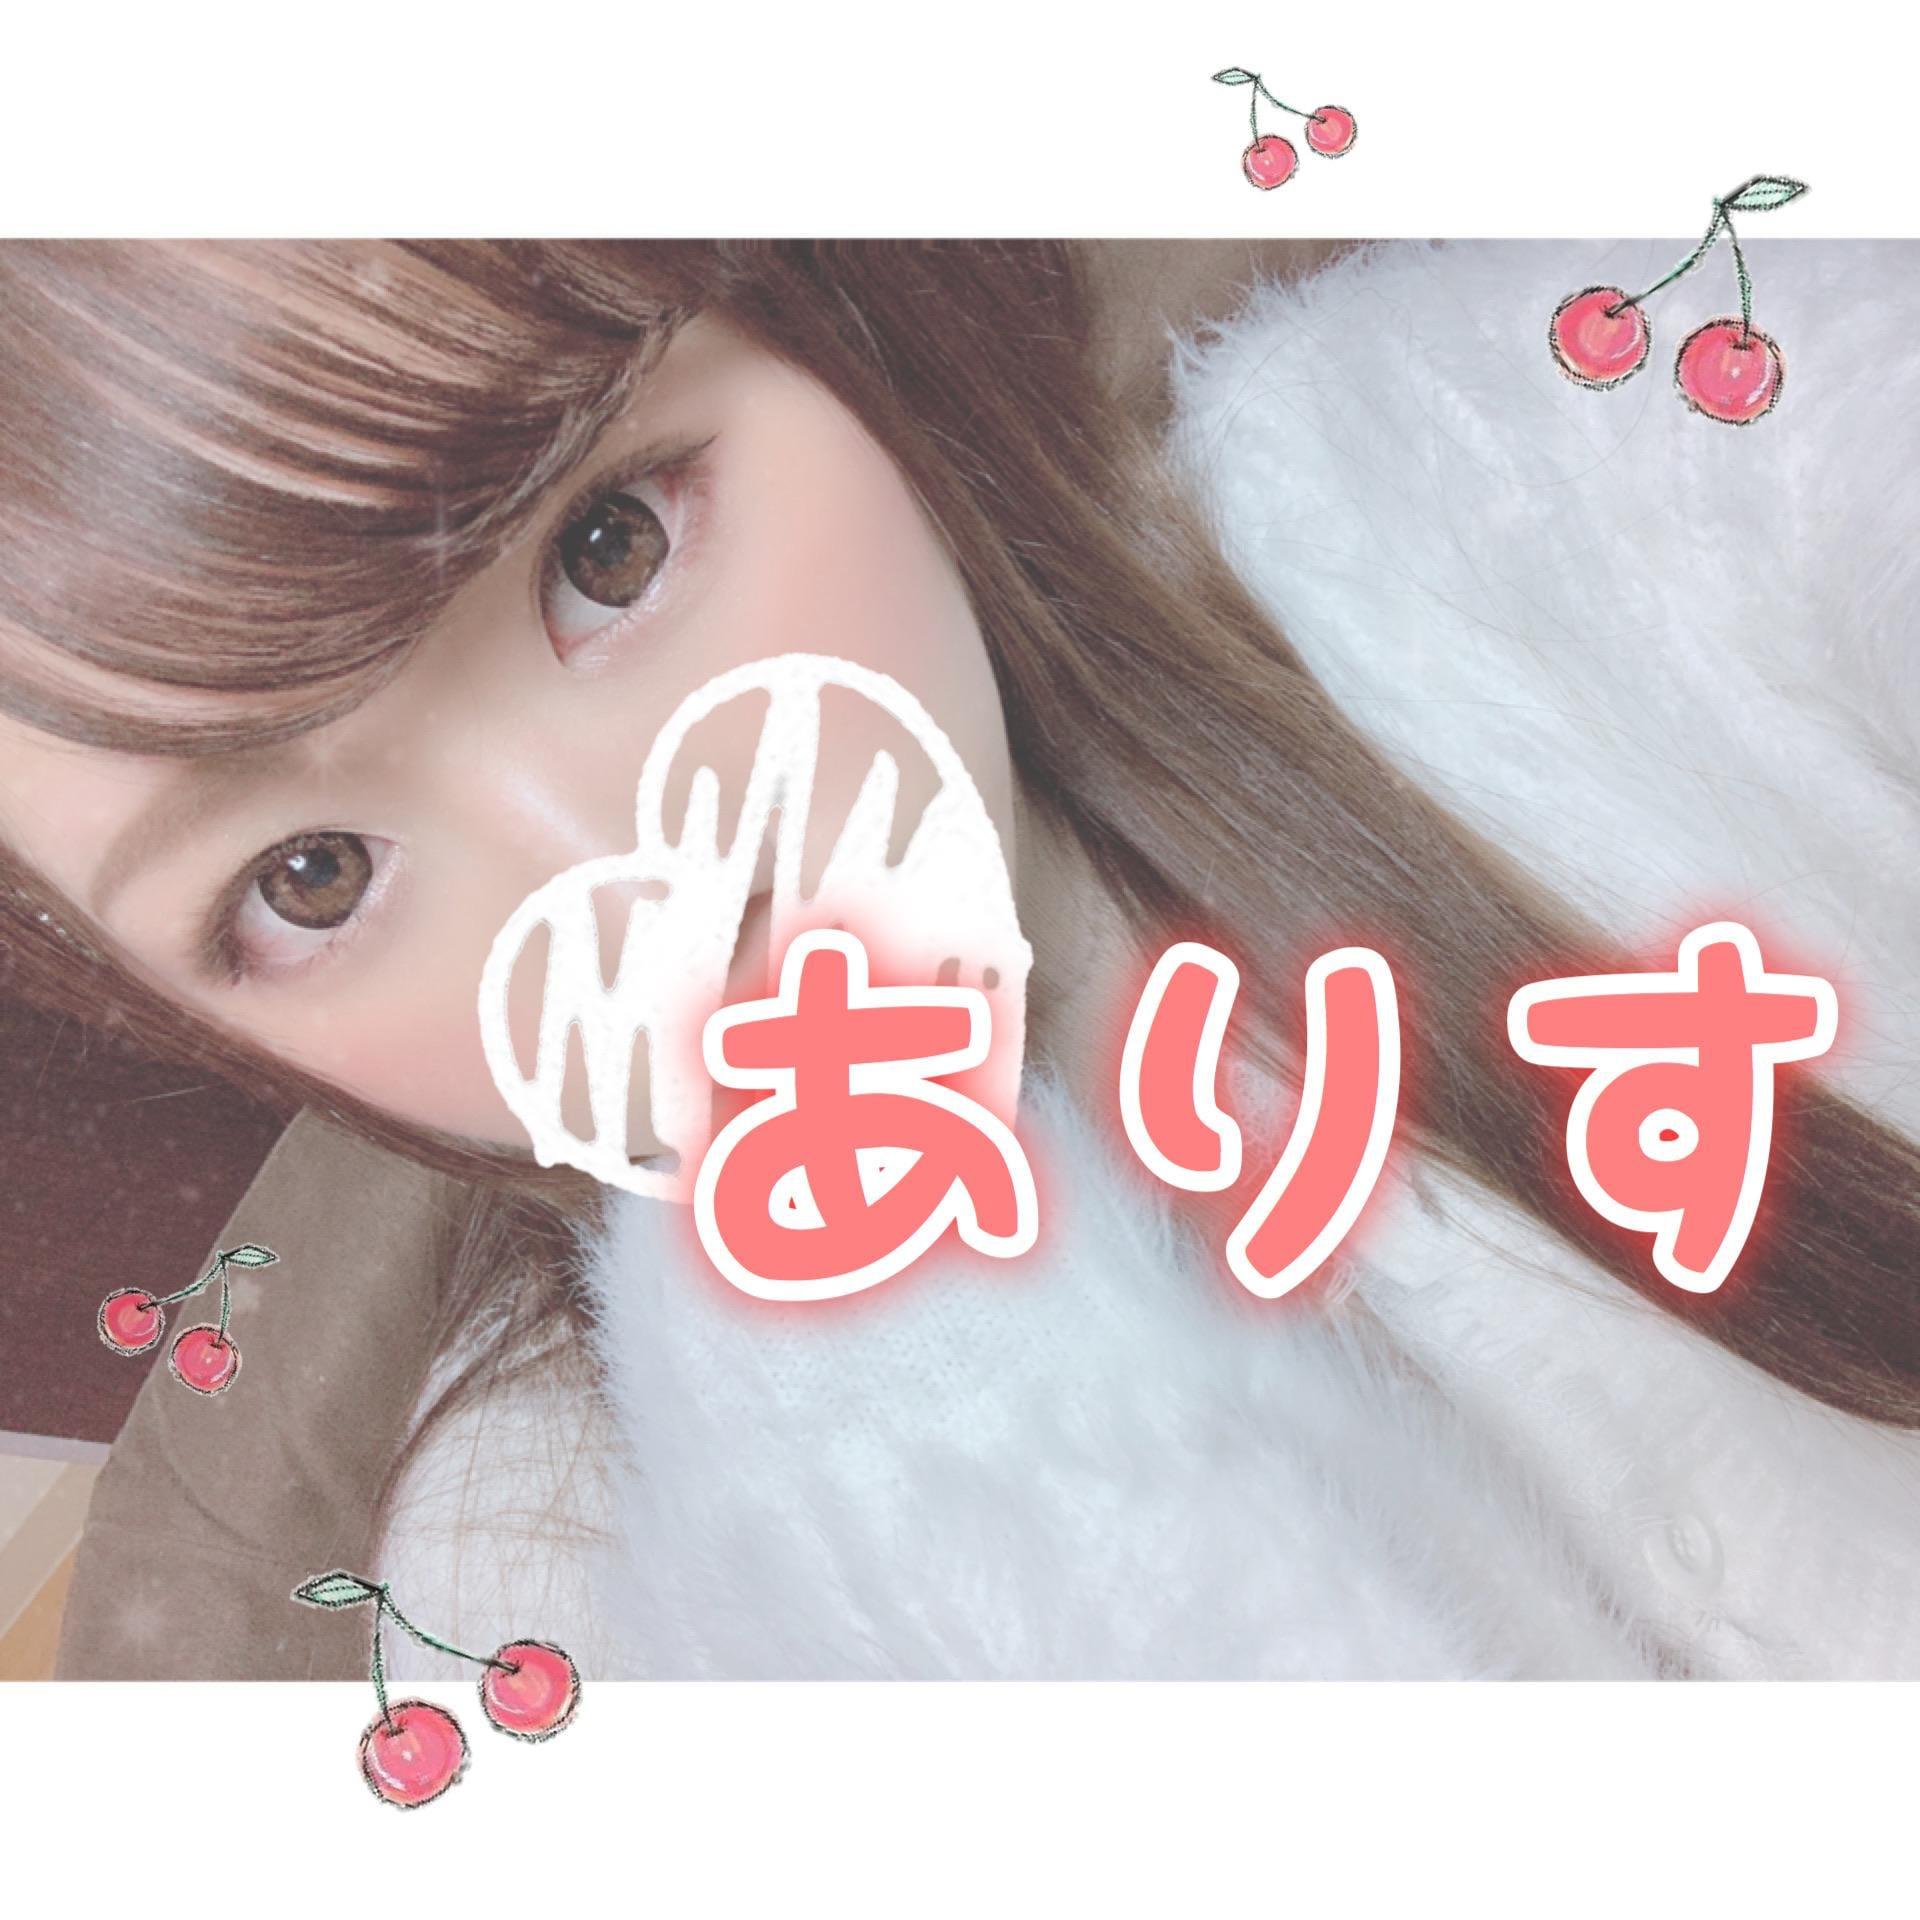 「お礼?」03/21(土) 05:02 | ありすの写メ・風俗動画